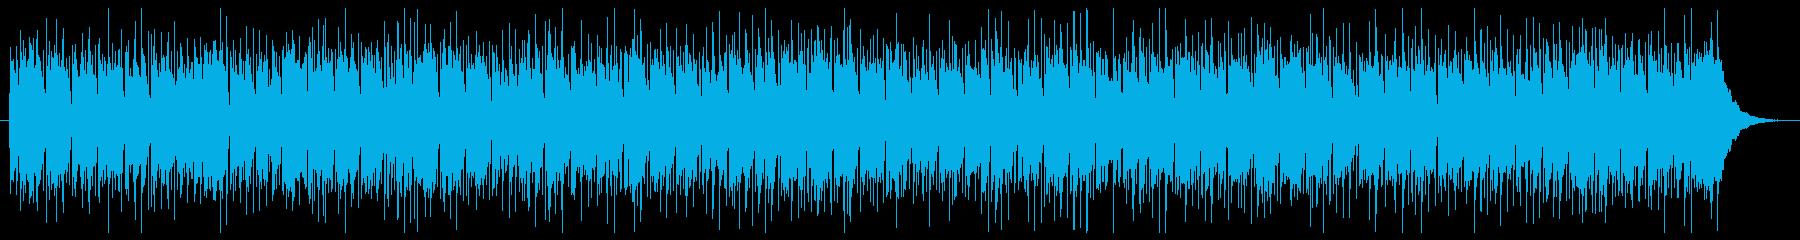 ほんわかアコースティックフォークBGMの再生済みの波形